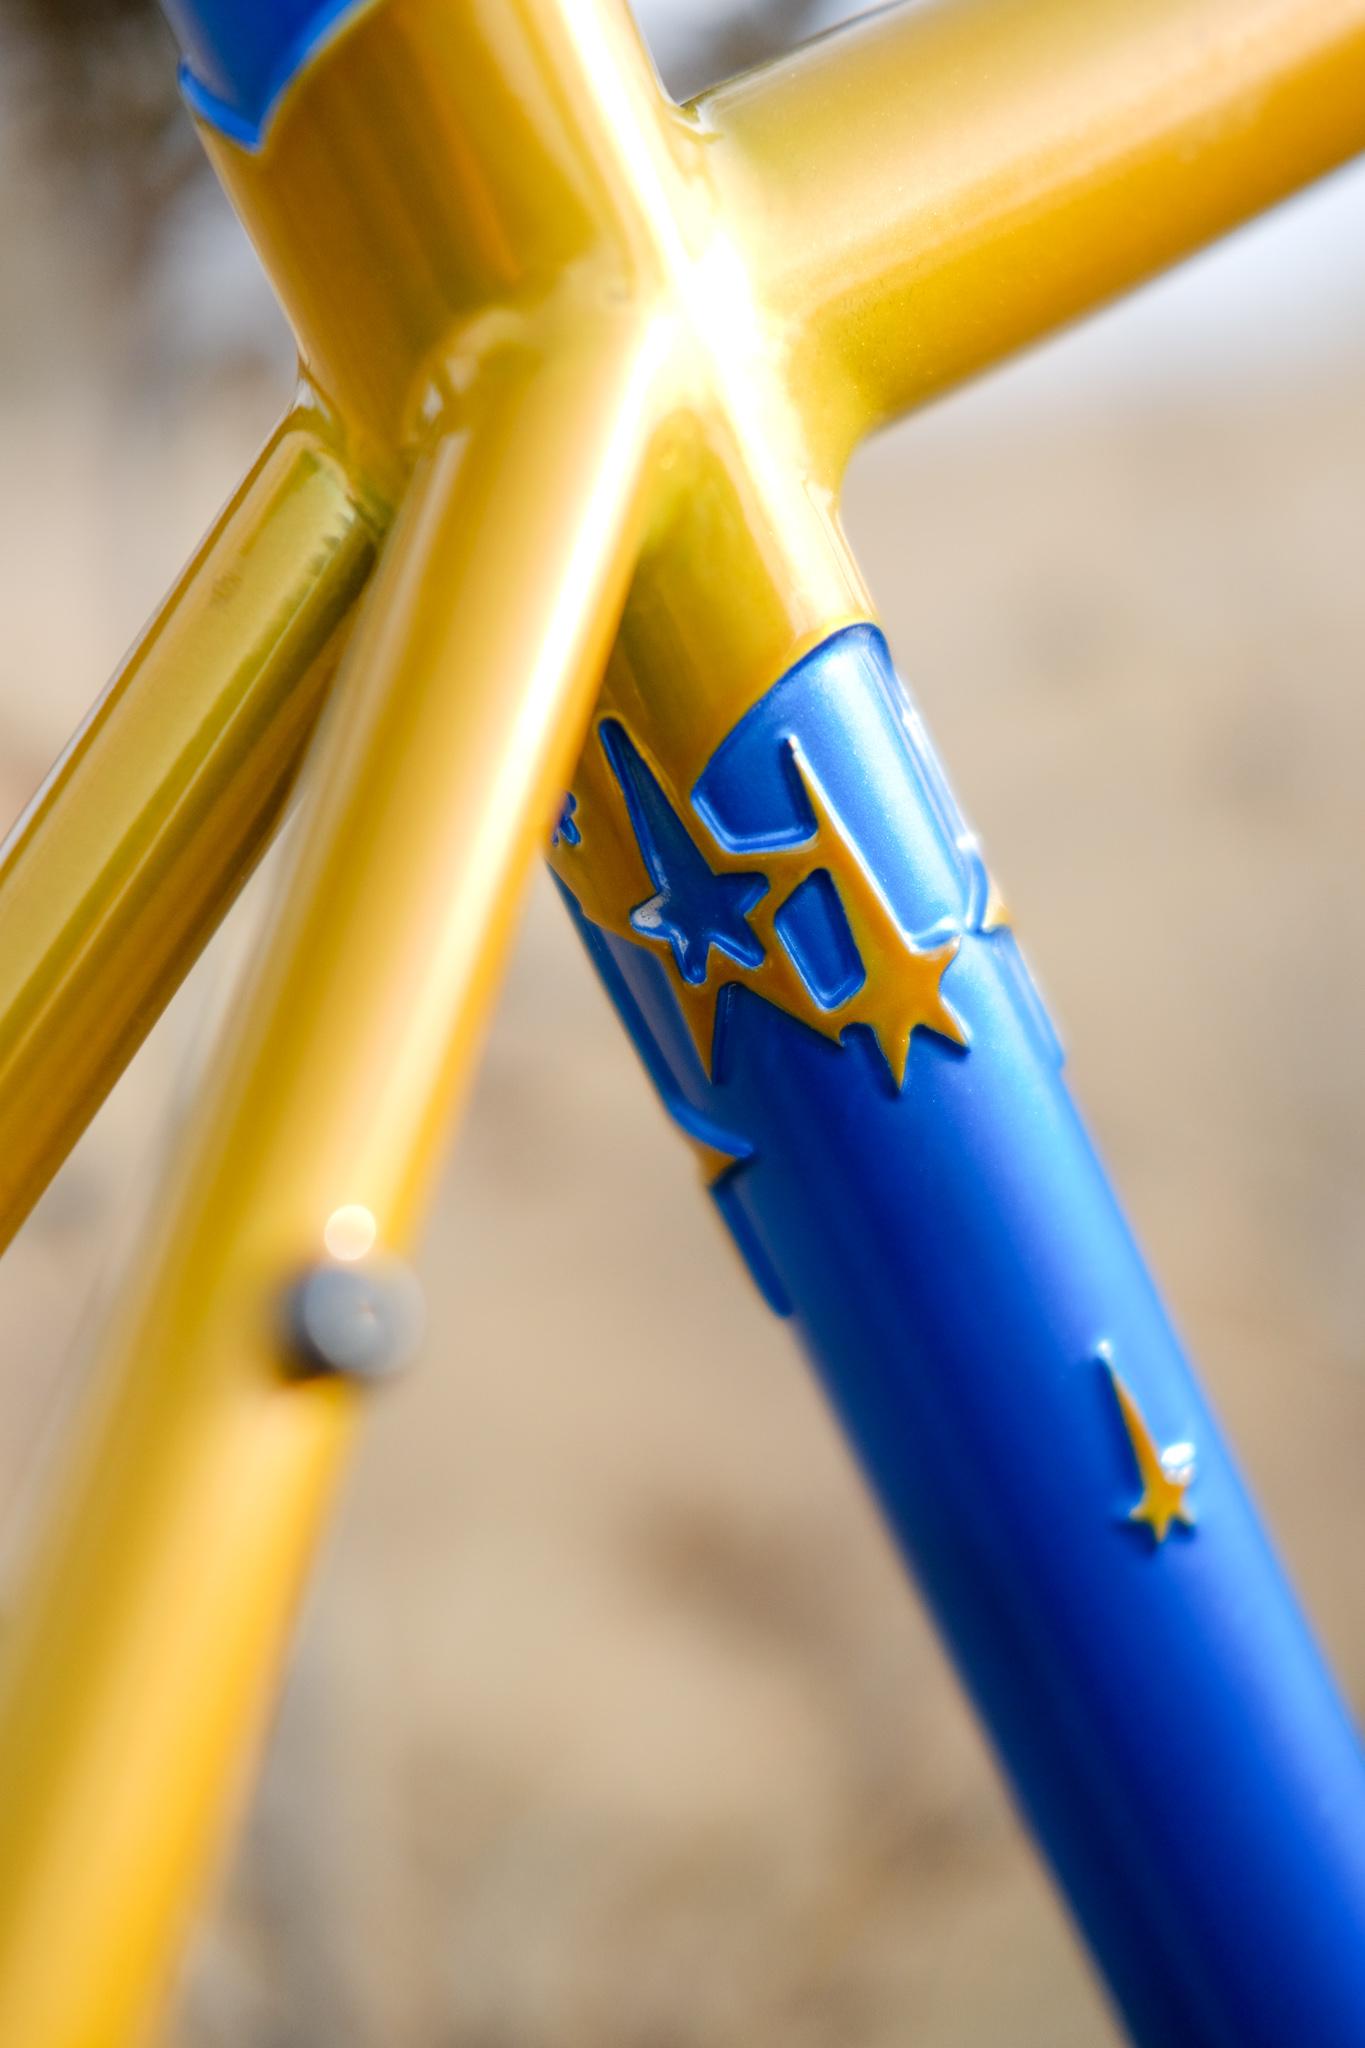 2018-02-18 Beth Morford Pedalino Bike Fuji Jpeg-45.jpg